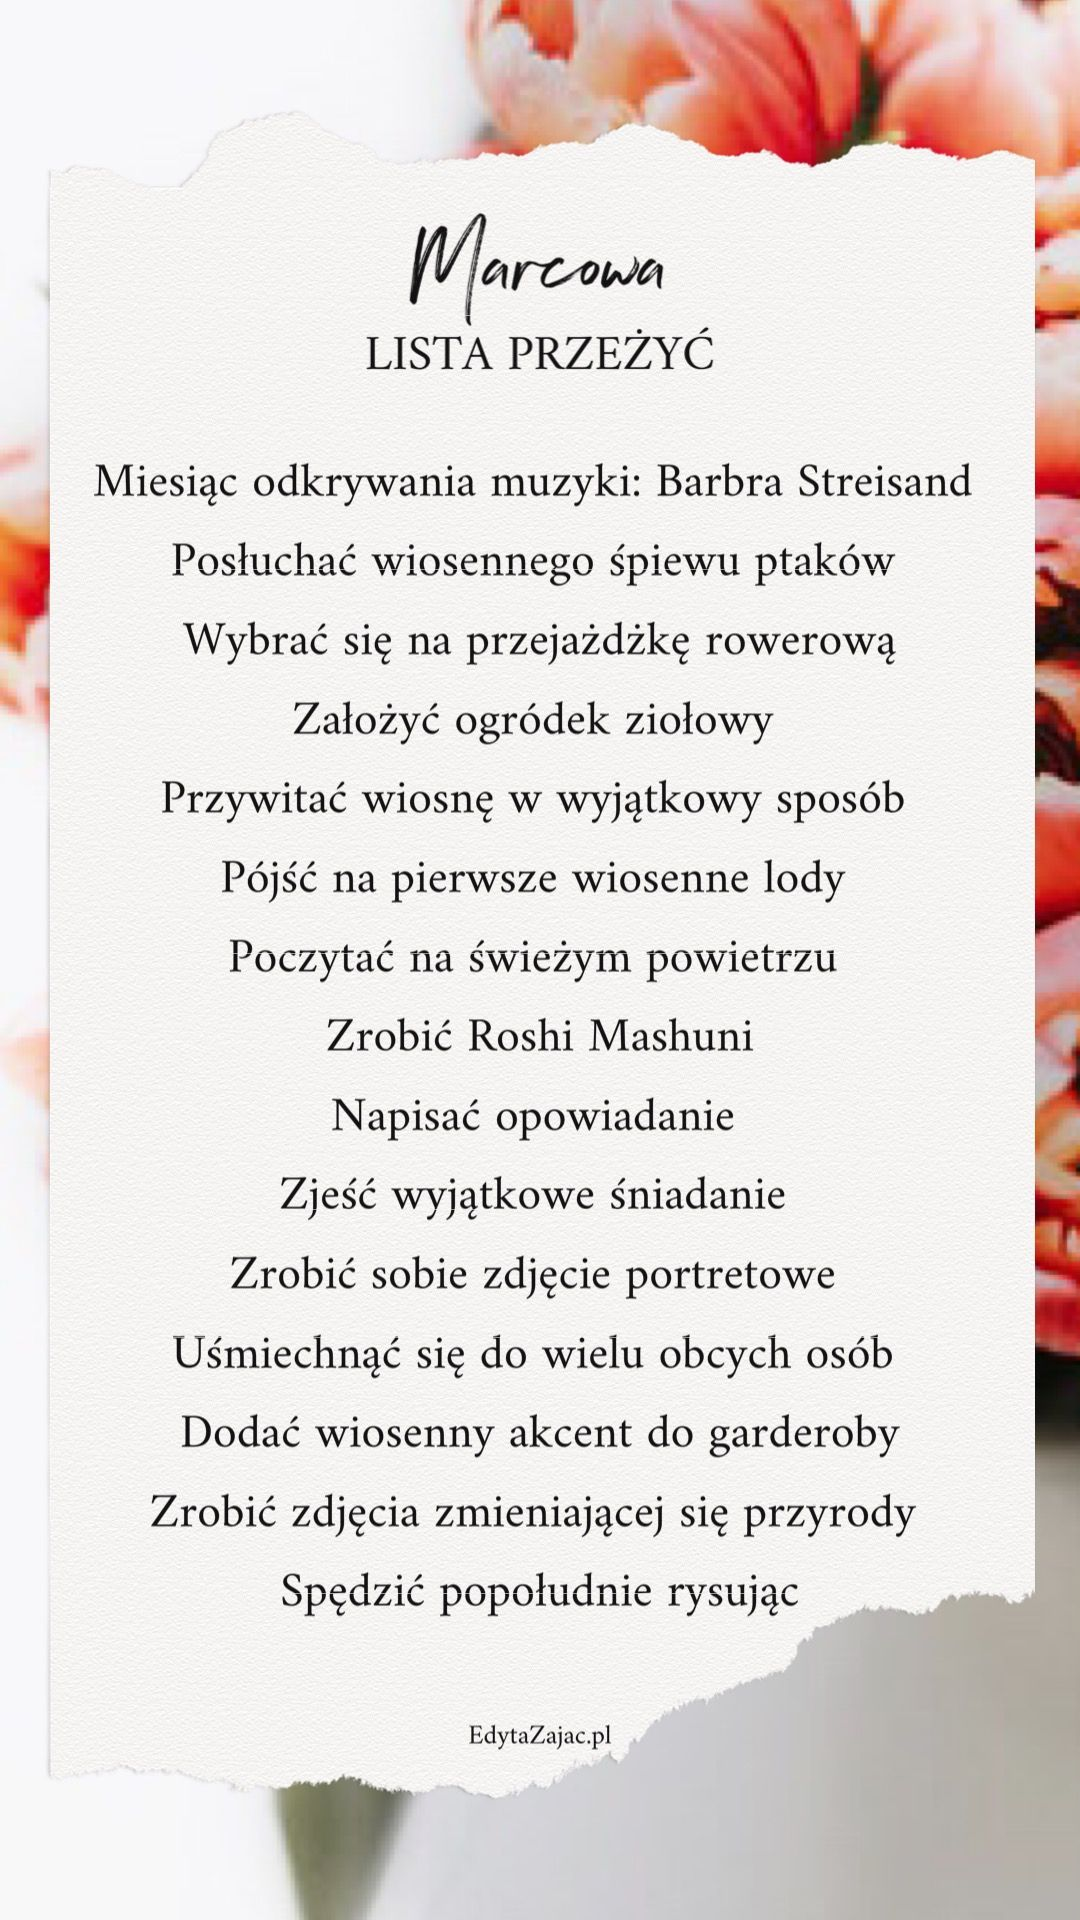 Lista Przezyc Marca Psychologia W Zyciu Edyta Zajac March Bucket List Spring Bucket List To Do List Self Bullet Journal Themes Diy Calendar Bullet Journal